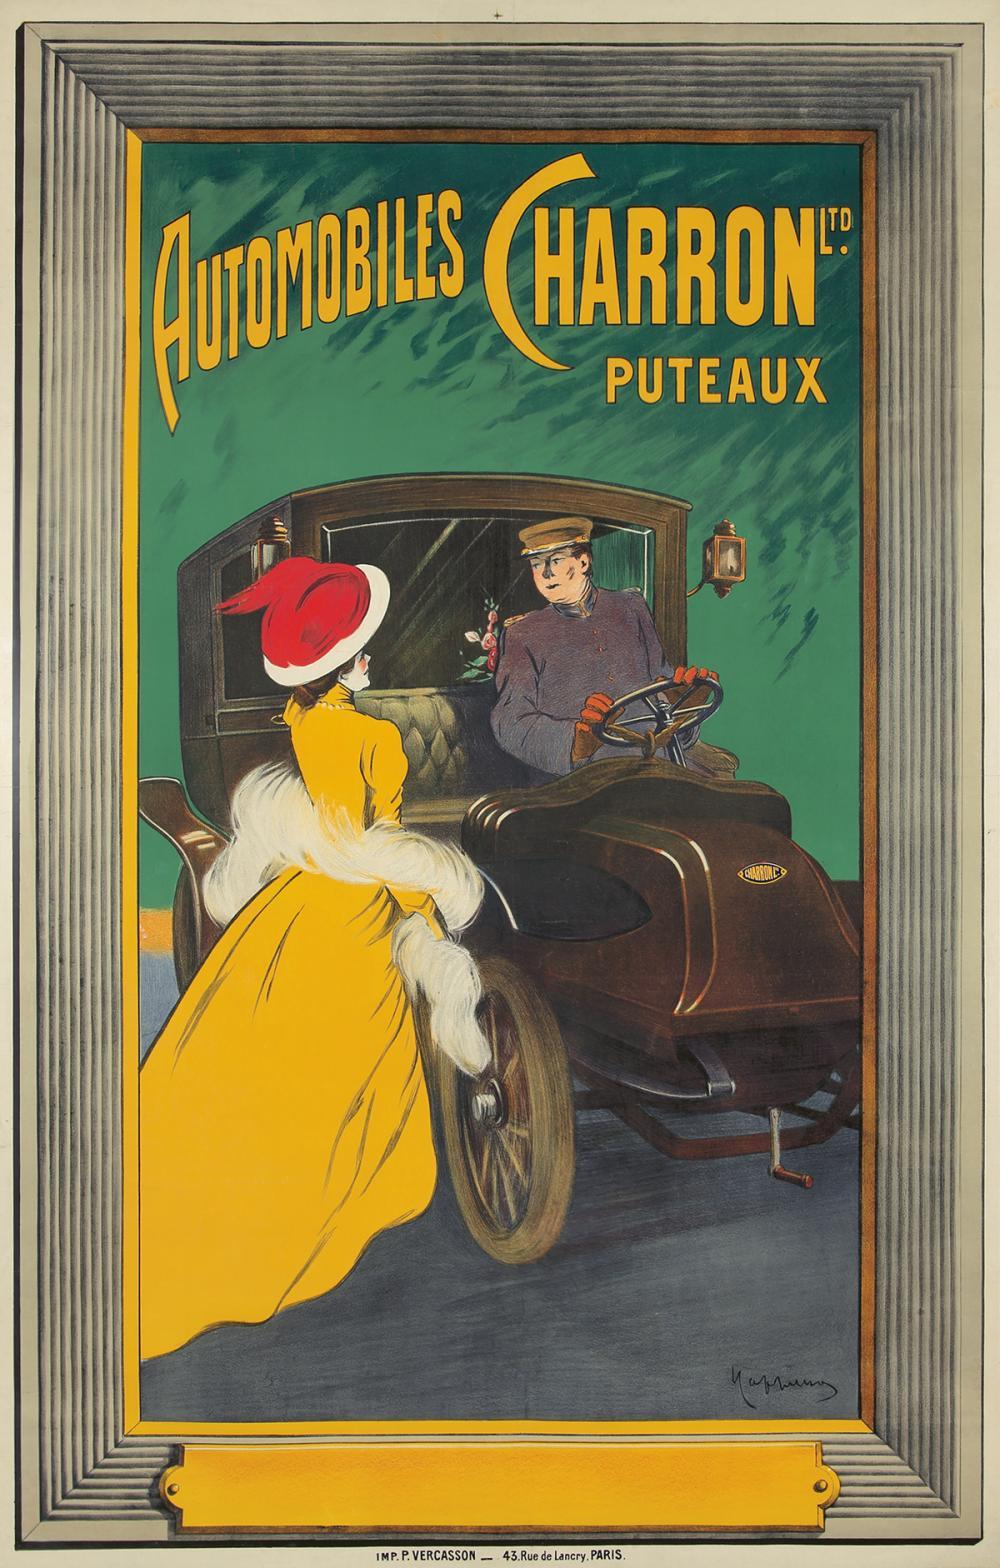 Automobiles Charron Ltd. / Puteaux. ca. 1906.